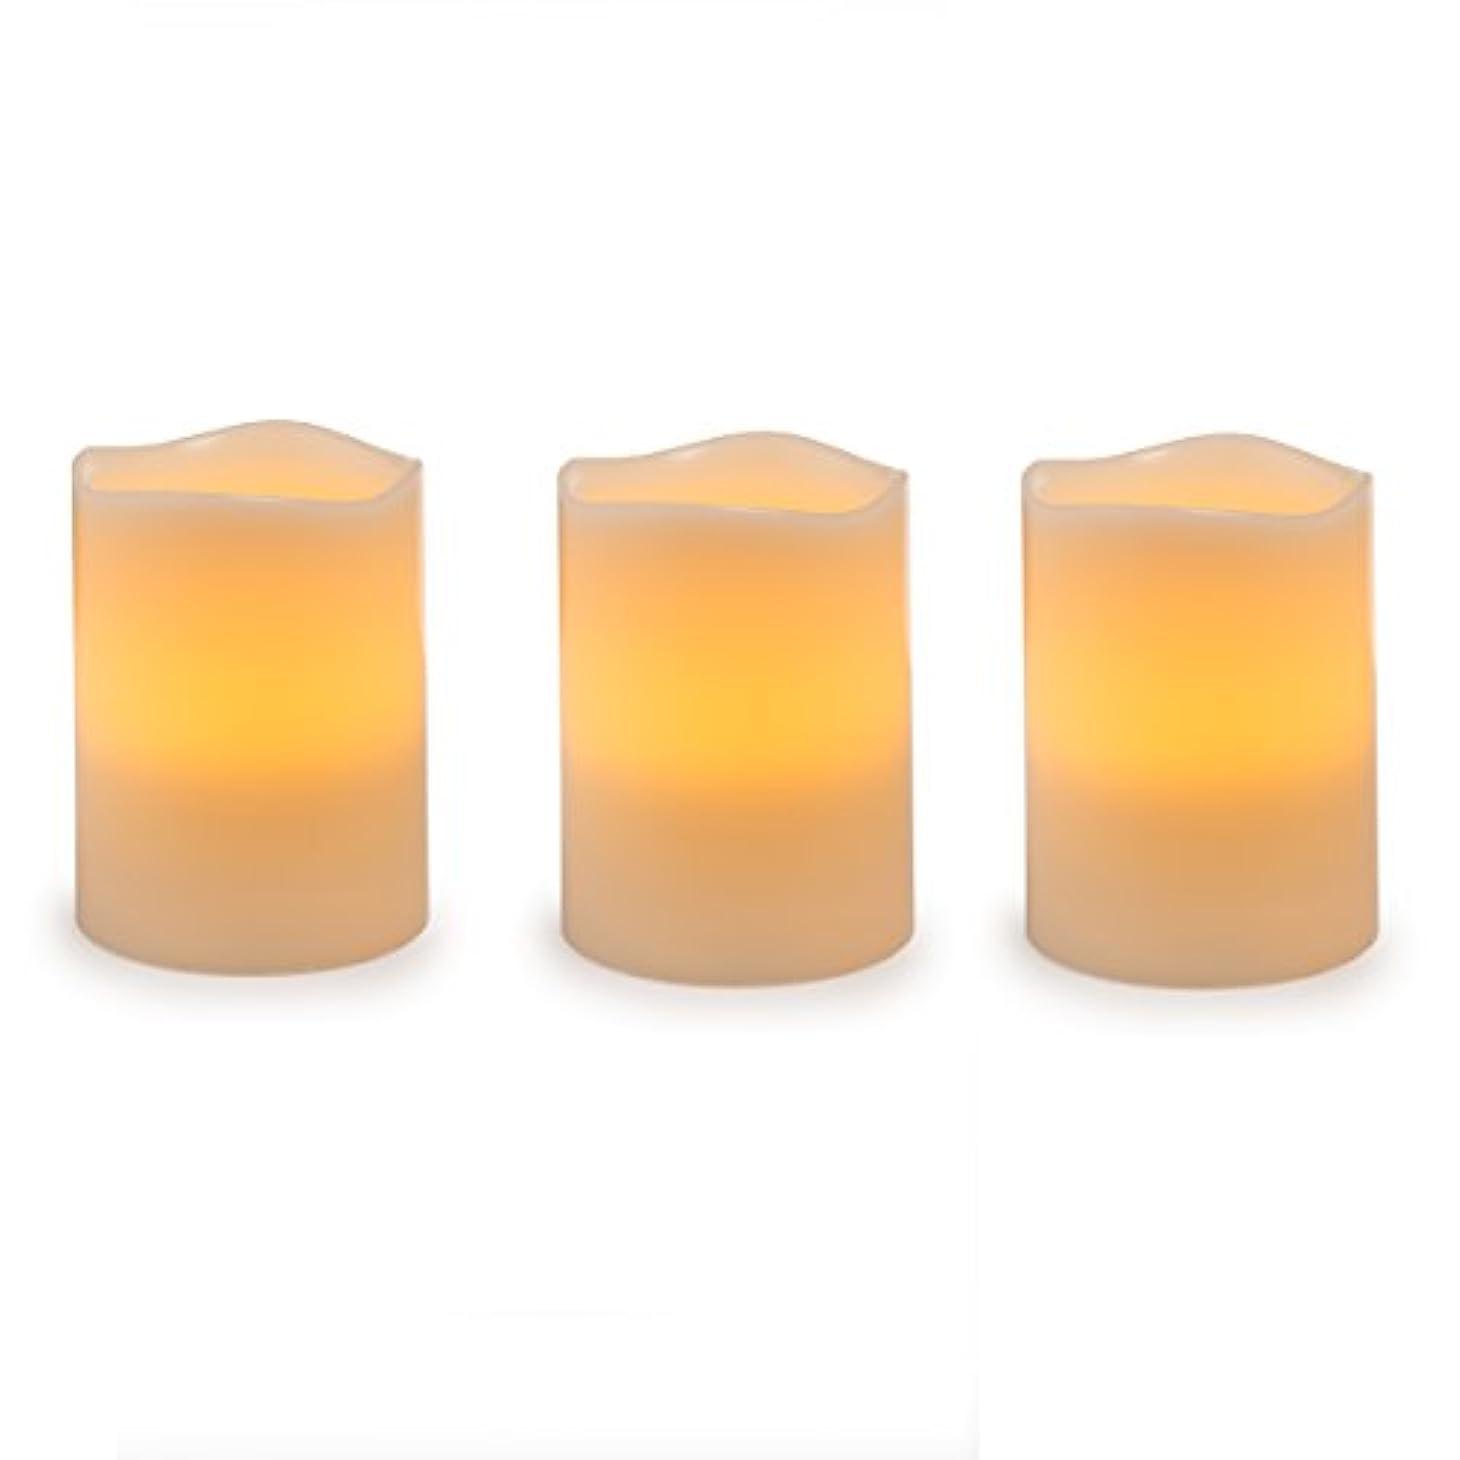 盗難モンキー道徳のDarice電池式LED Pillar Candleセット、3ピース